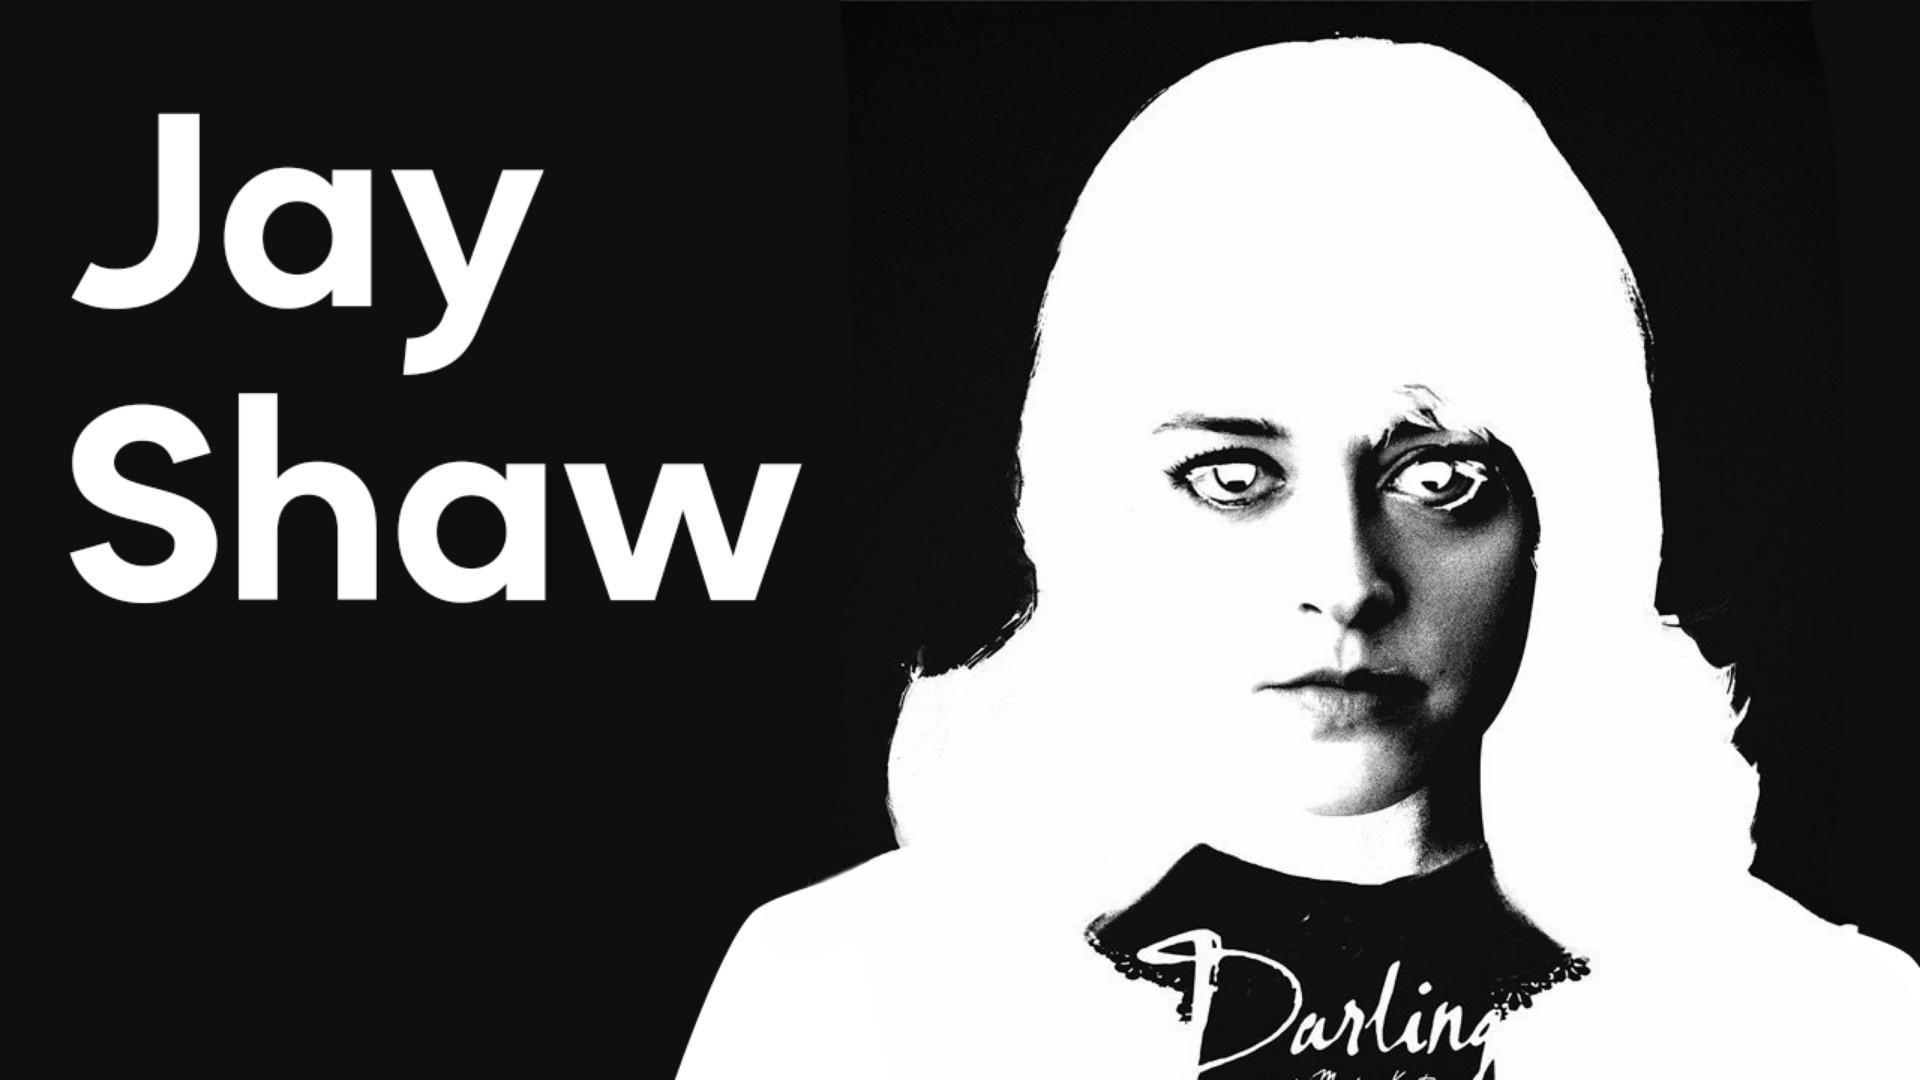 Jay Shaw: смотрит в душу и не только